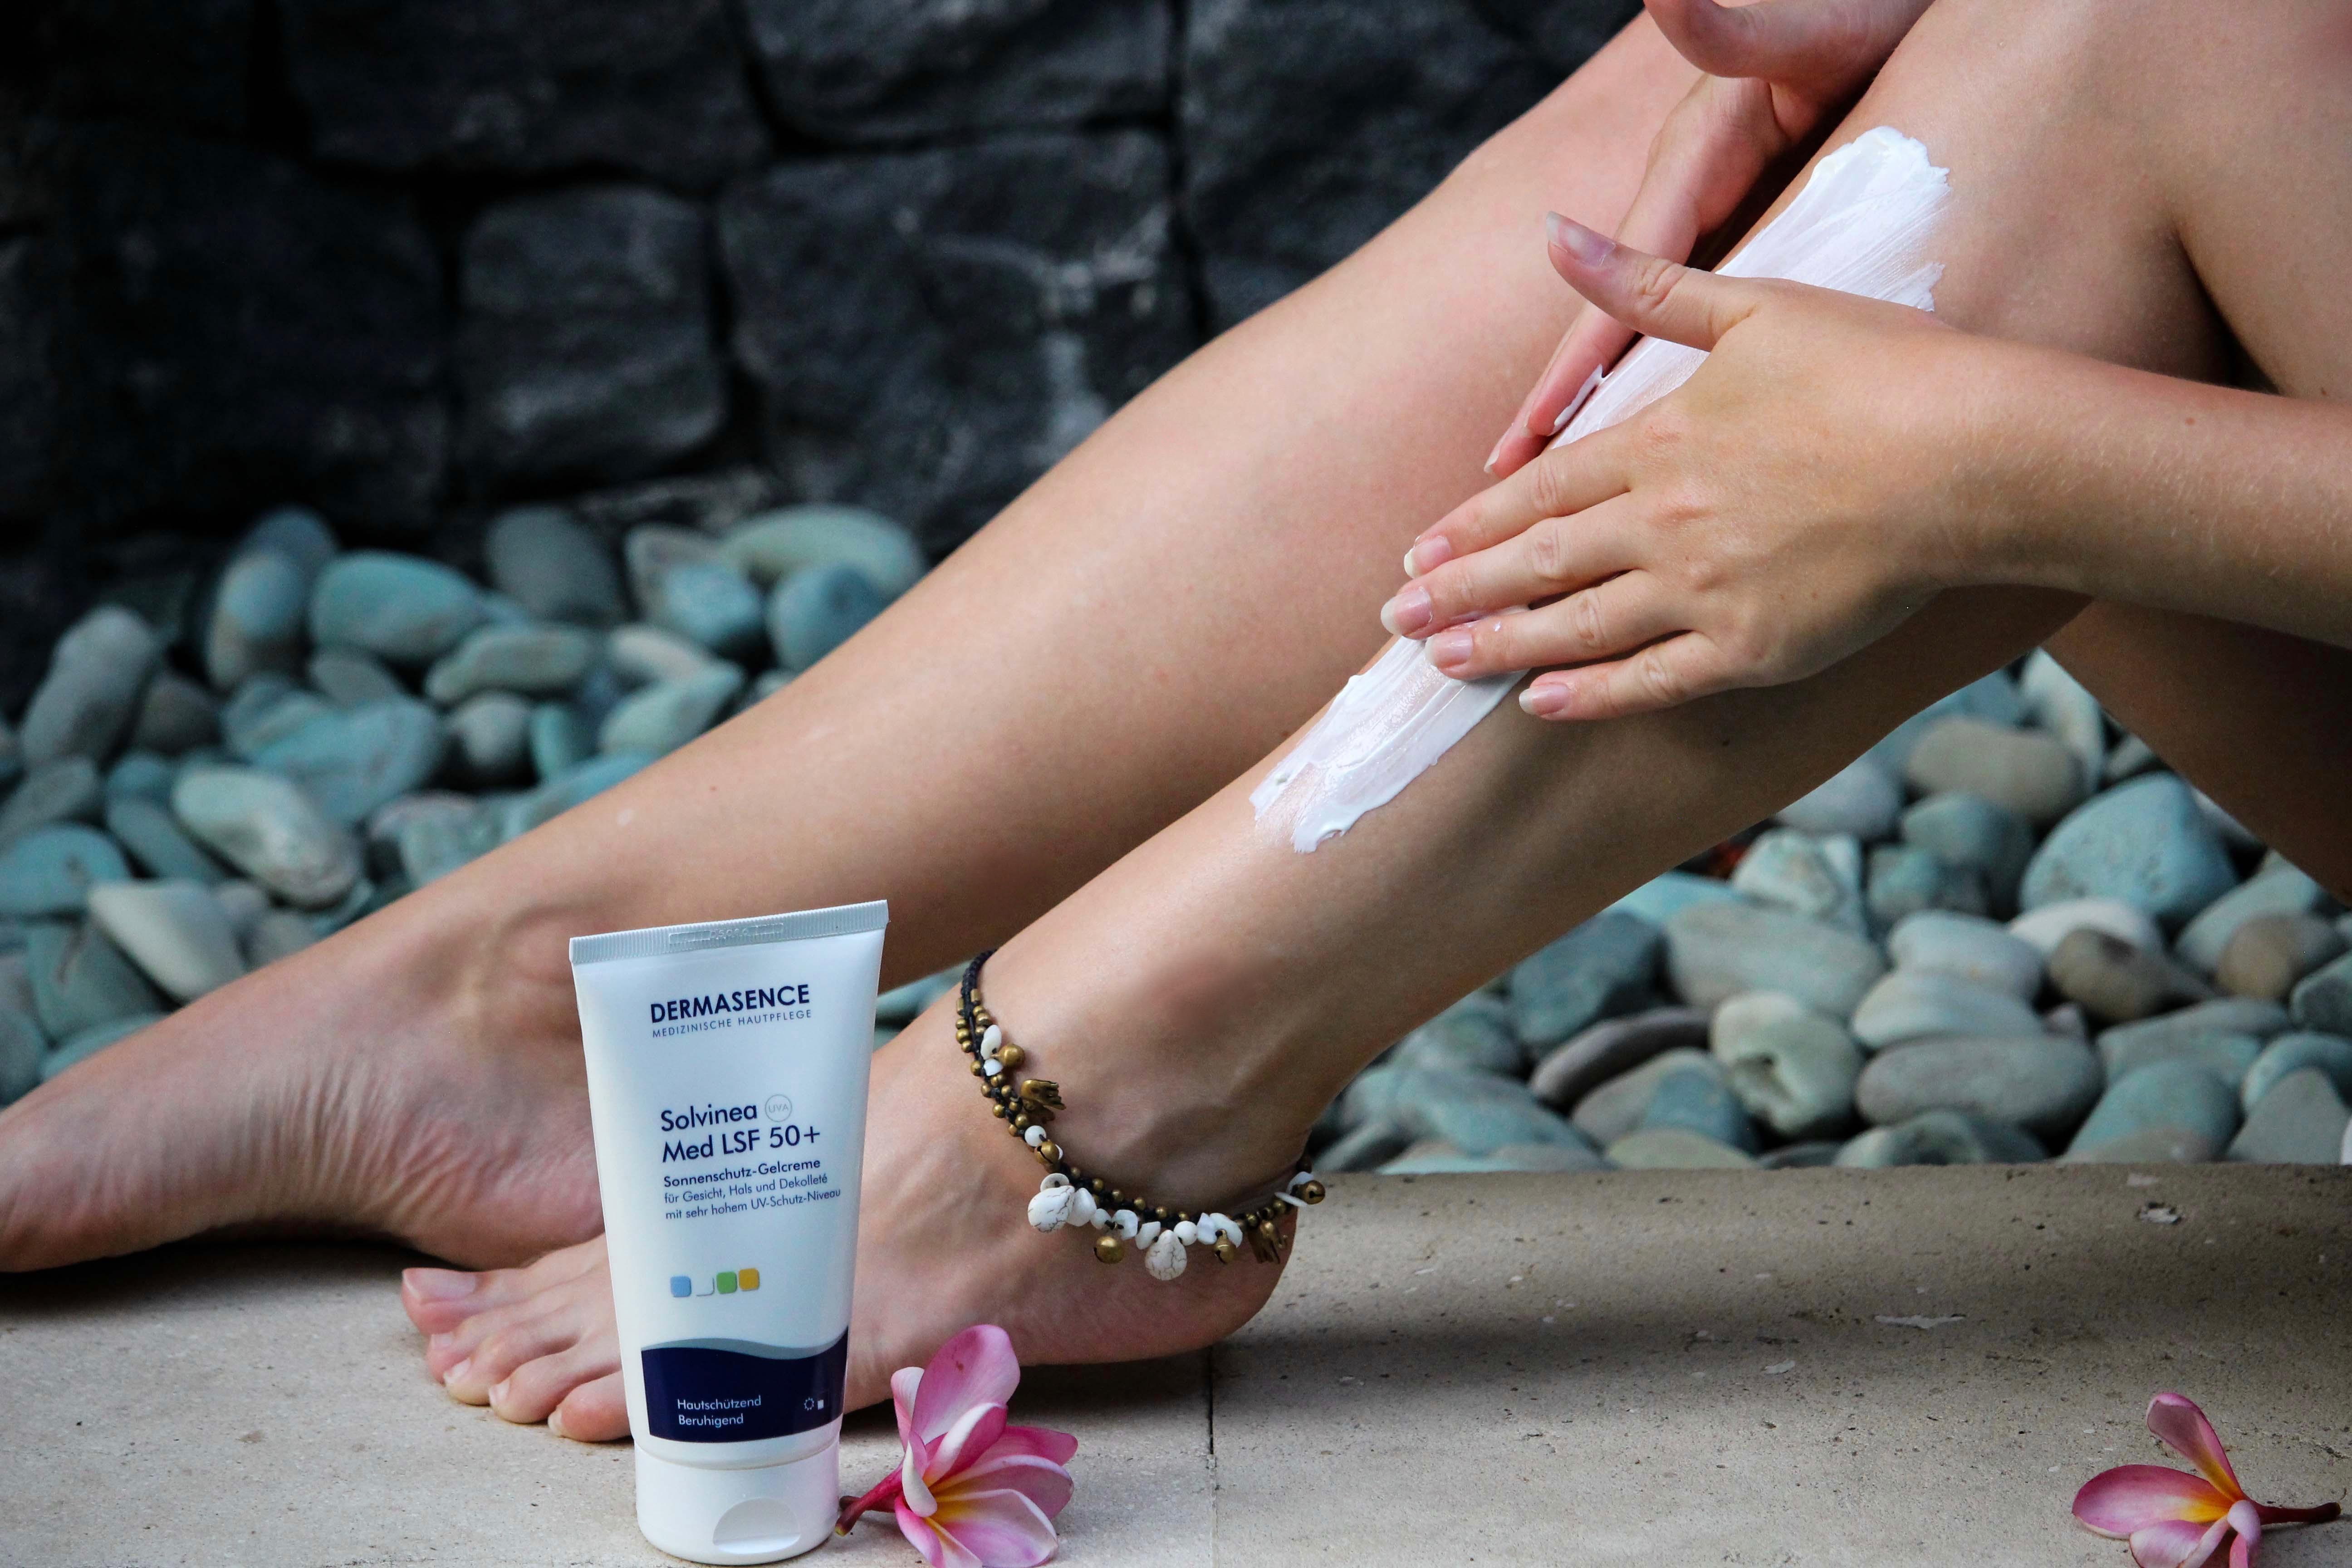 Urlaubs-Hautpflege Sommerurlaub trockene empfindliche Haut Dermasence Sonnencreme Solevina Med LSF 50+ Beauty Blog Bali (1)